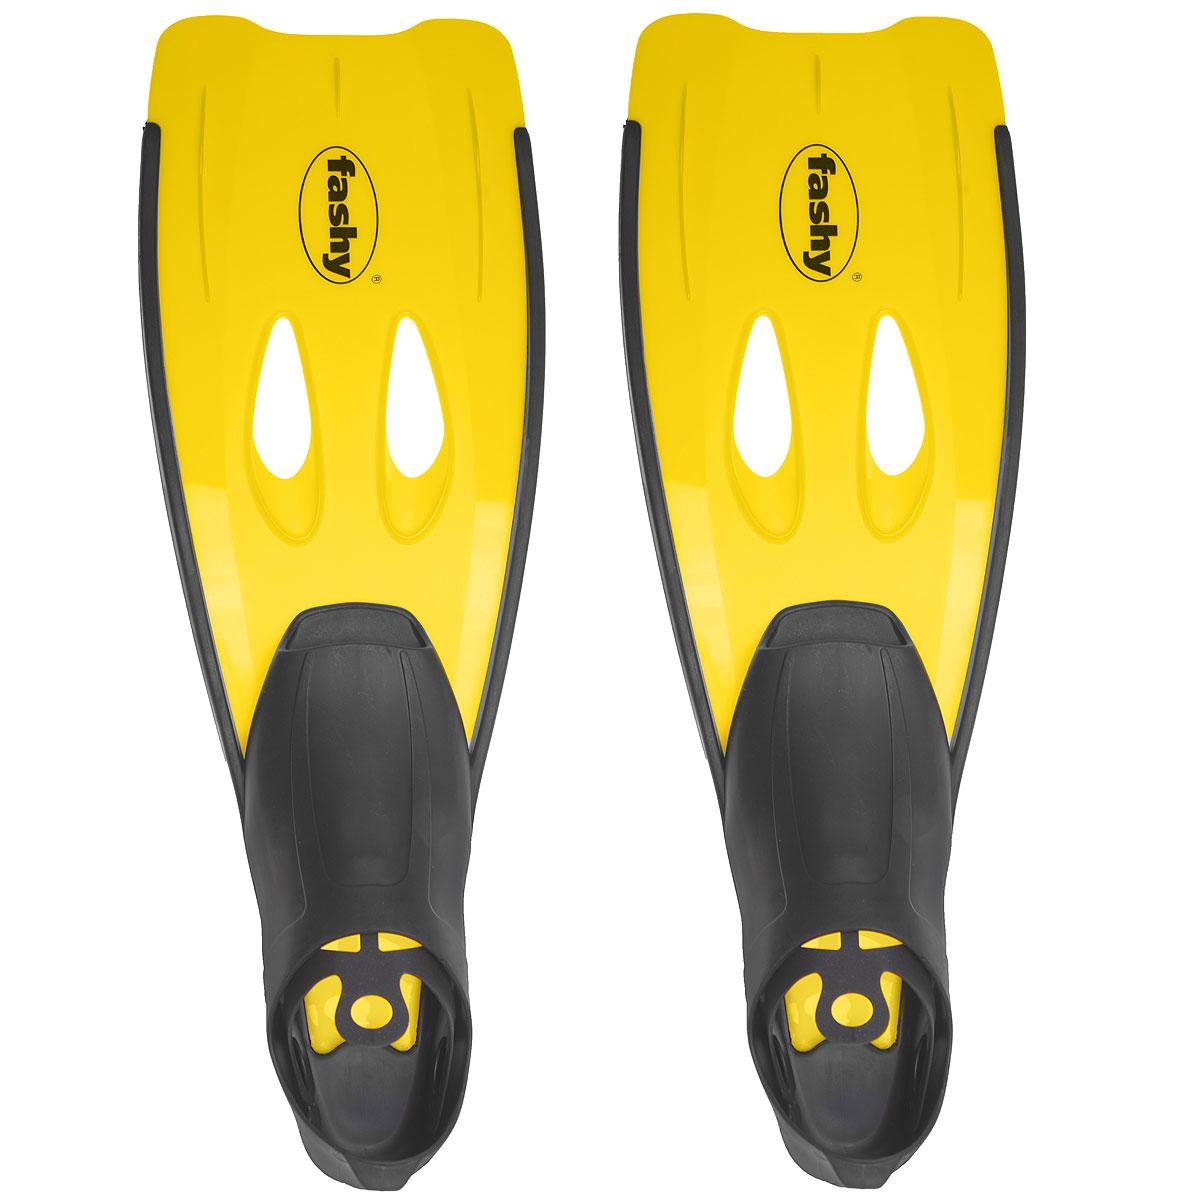 Ласты Fashy Swim Fins, цвет: желтый. Размер 40/418902-30Широкие ласты Fashy Swim Fins отлично подойдут для снорклинга в море и на отдыхе на водоемах. Закрытая калоша хорошо фиксирует пятку стопы, предотвращая потери ласты или выскальзывание ее с ноги в море. Ласты Fashy Swim Fins замечательно подходят для всей семьи. Они состоят из двух частей - основания из резины и рабочей поверхности из гибкого, легкого пластика. В ластах при малой затрате энергии придается высокая скорость за счет широкой поверхности, а сквозные отверстия придают бесшумность. Длина ласты: 54 см. Ширина ласты: 19 см.